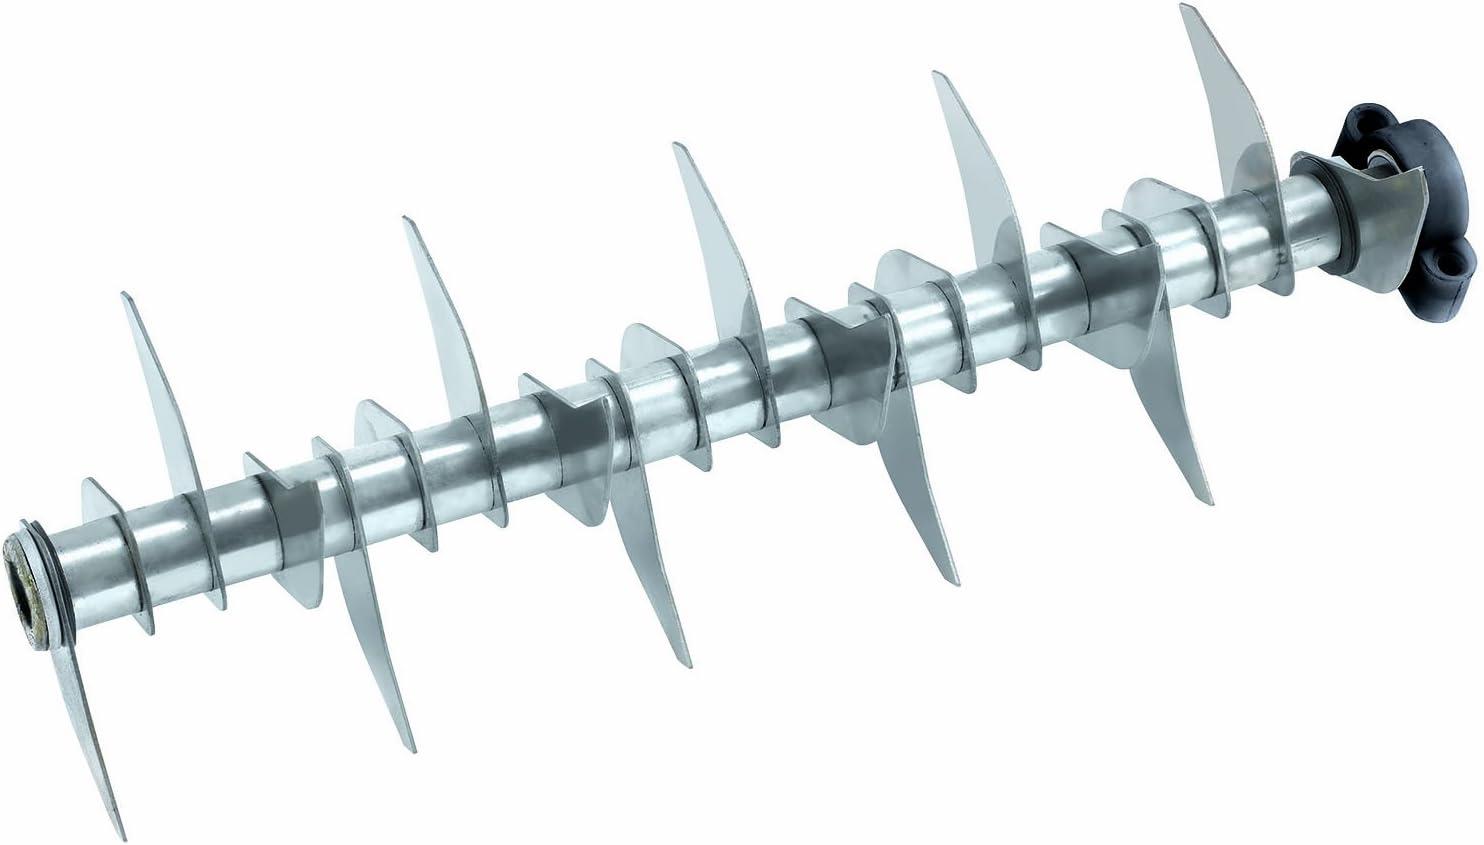 Einhell - Cuchilla de repuesto para escarificador RG-SA 1435 [Importado de Alemania]